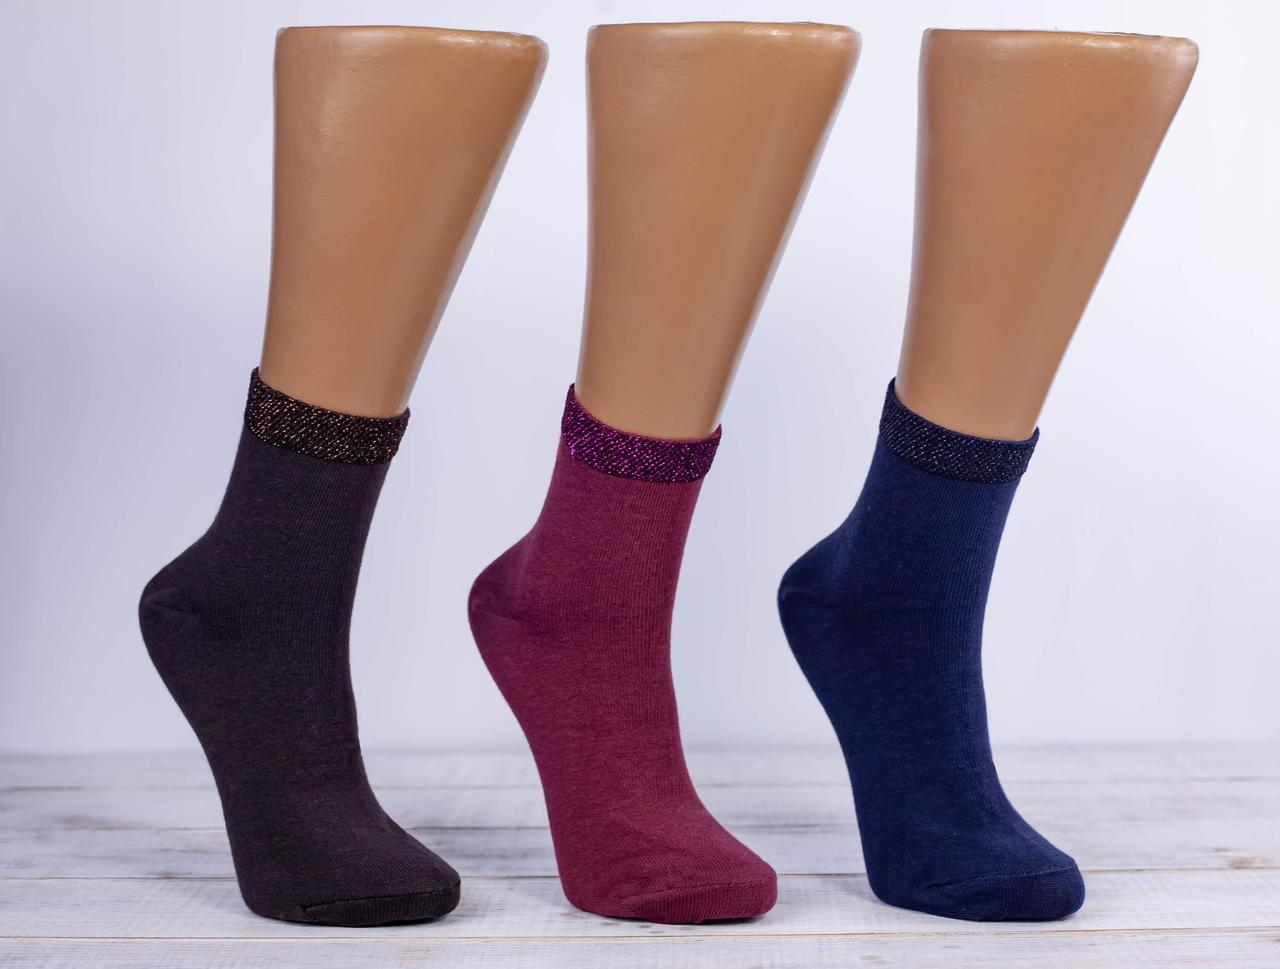 Жіночі носки з люрексом шкарпетки стрейчеві Montebello 35-40 12 шт в уп мікс із 5 кольорів